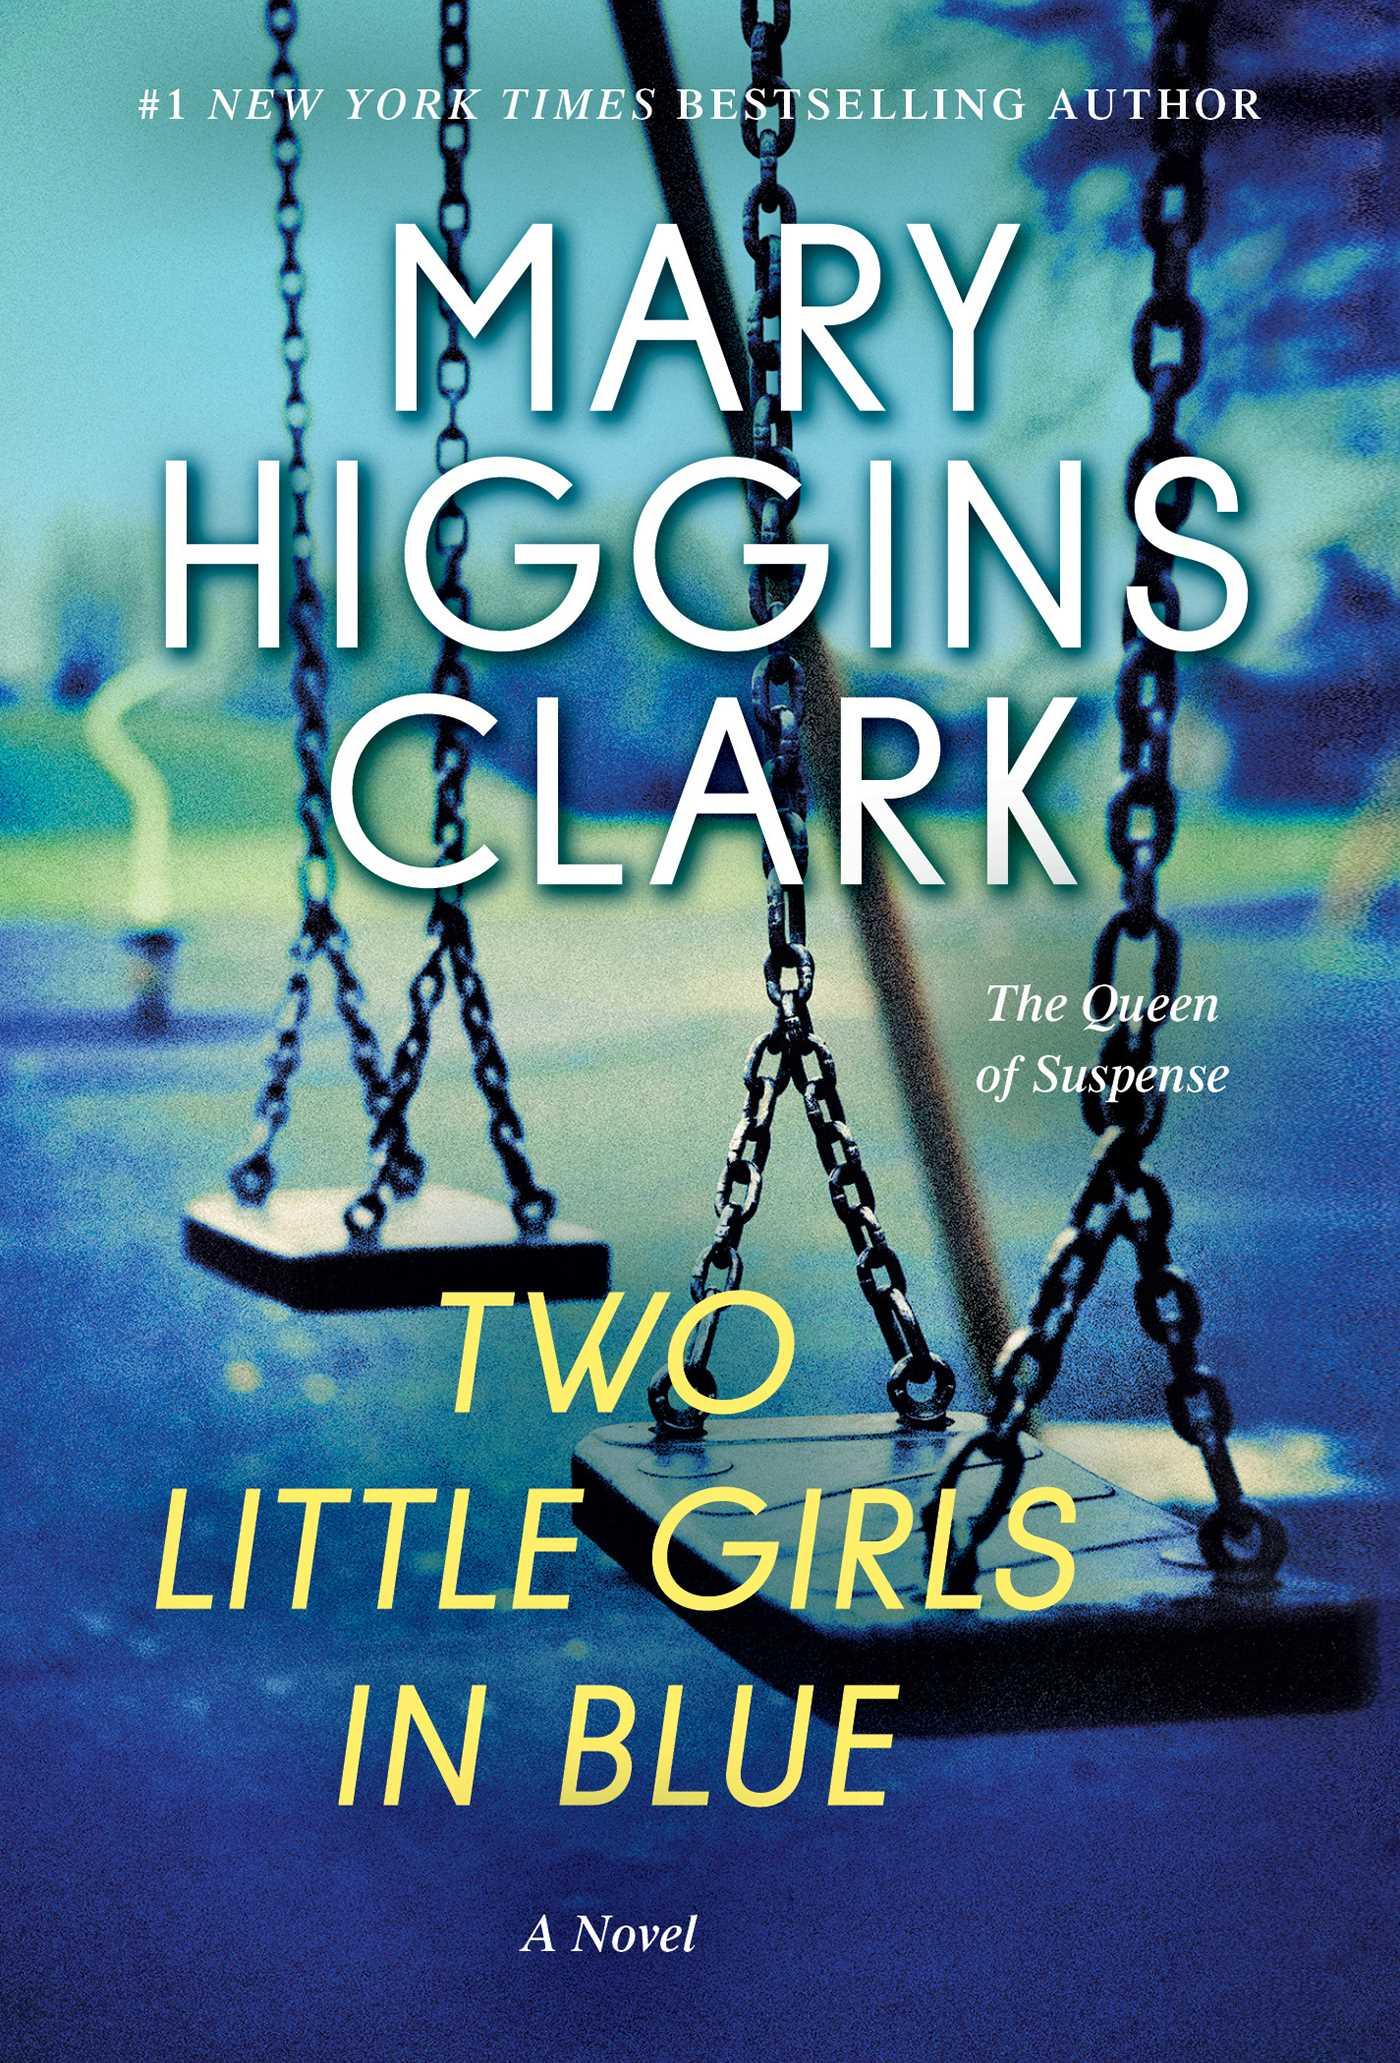 Two little girls in blue 9780743288972 hr